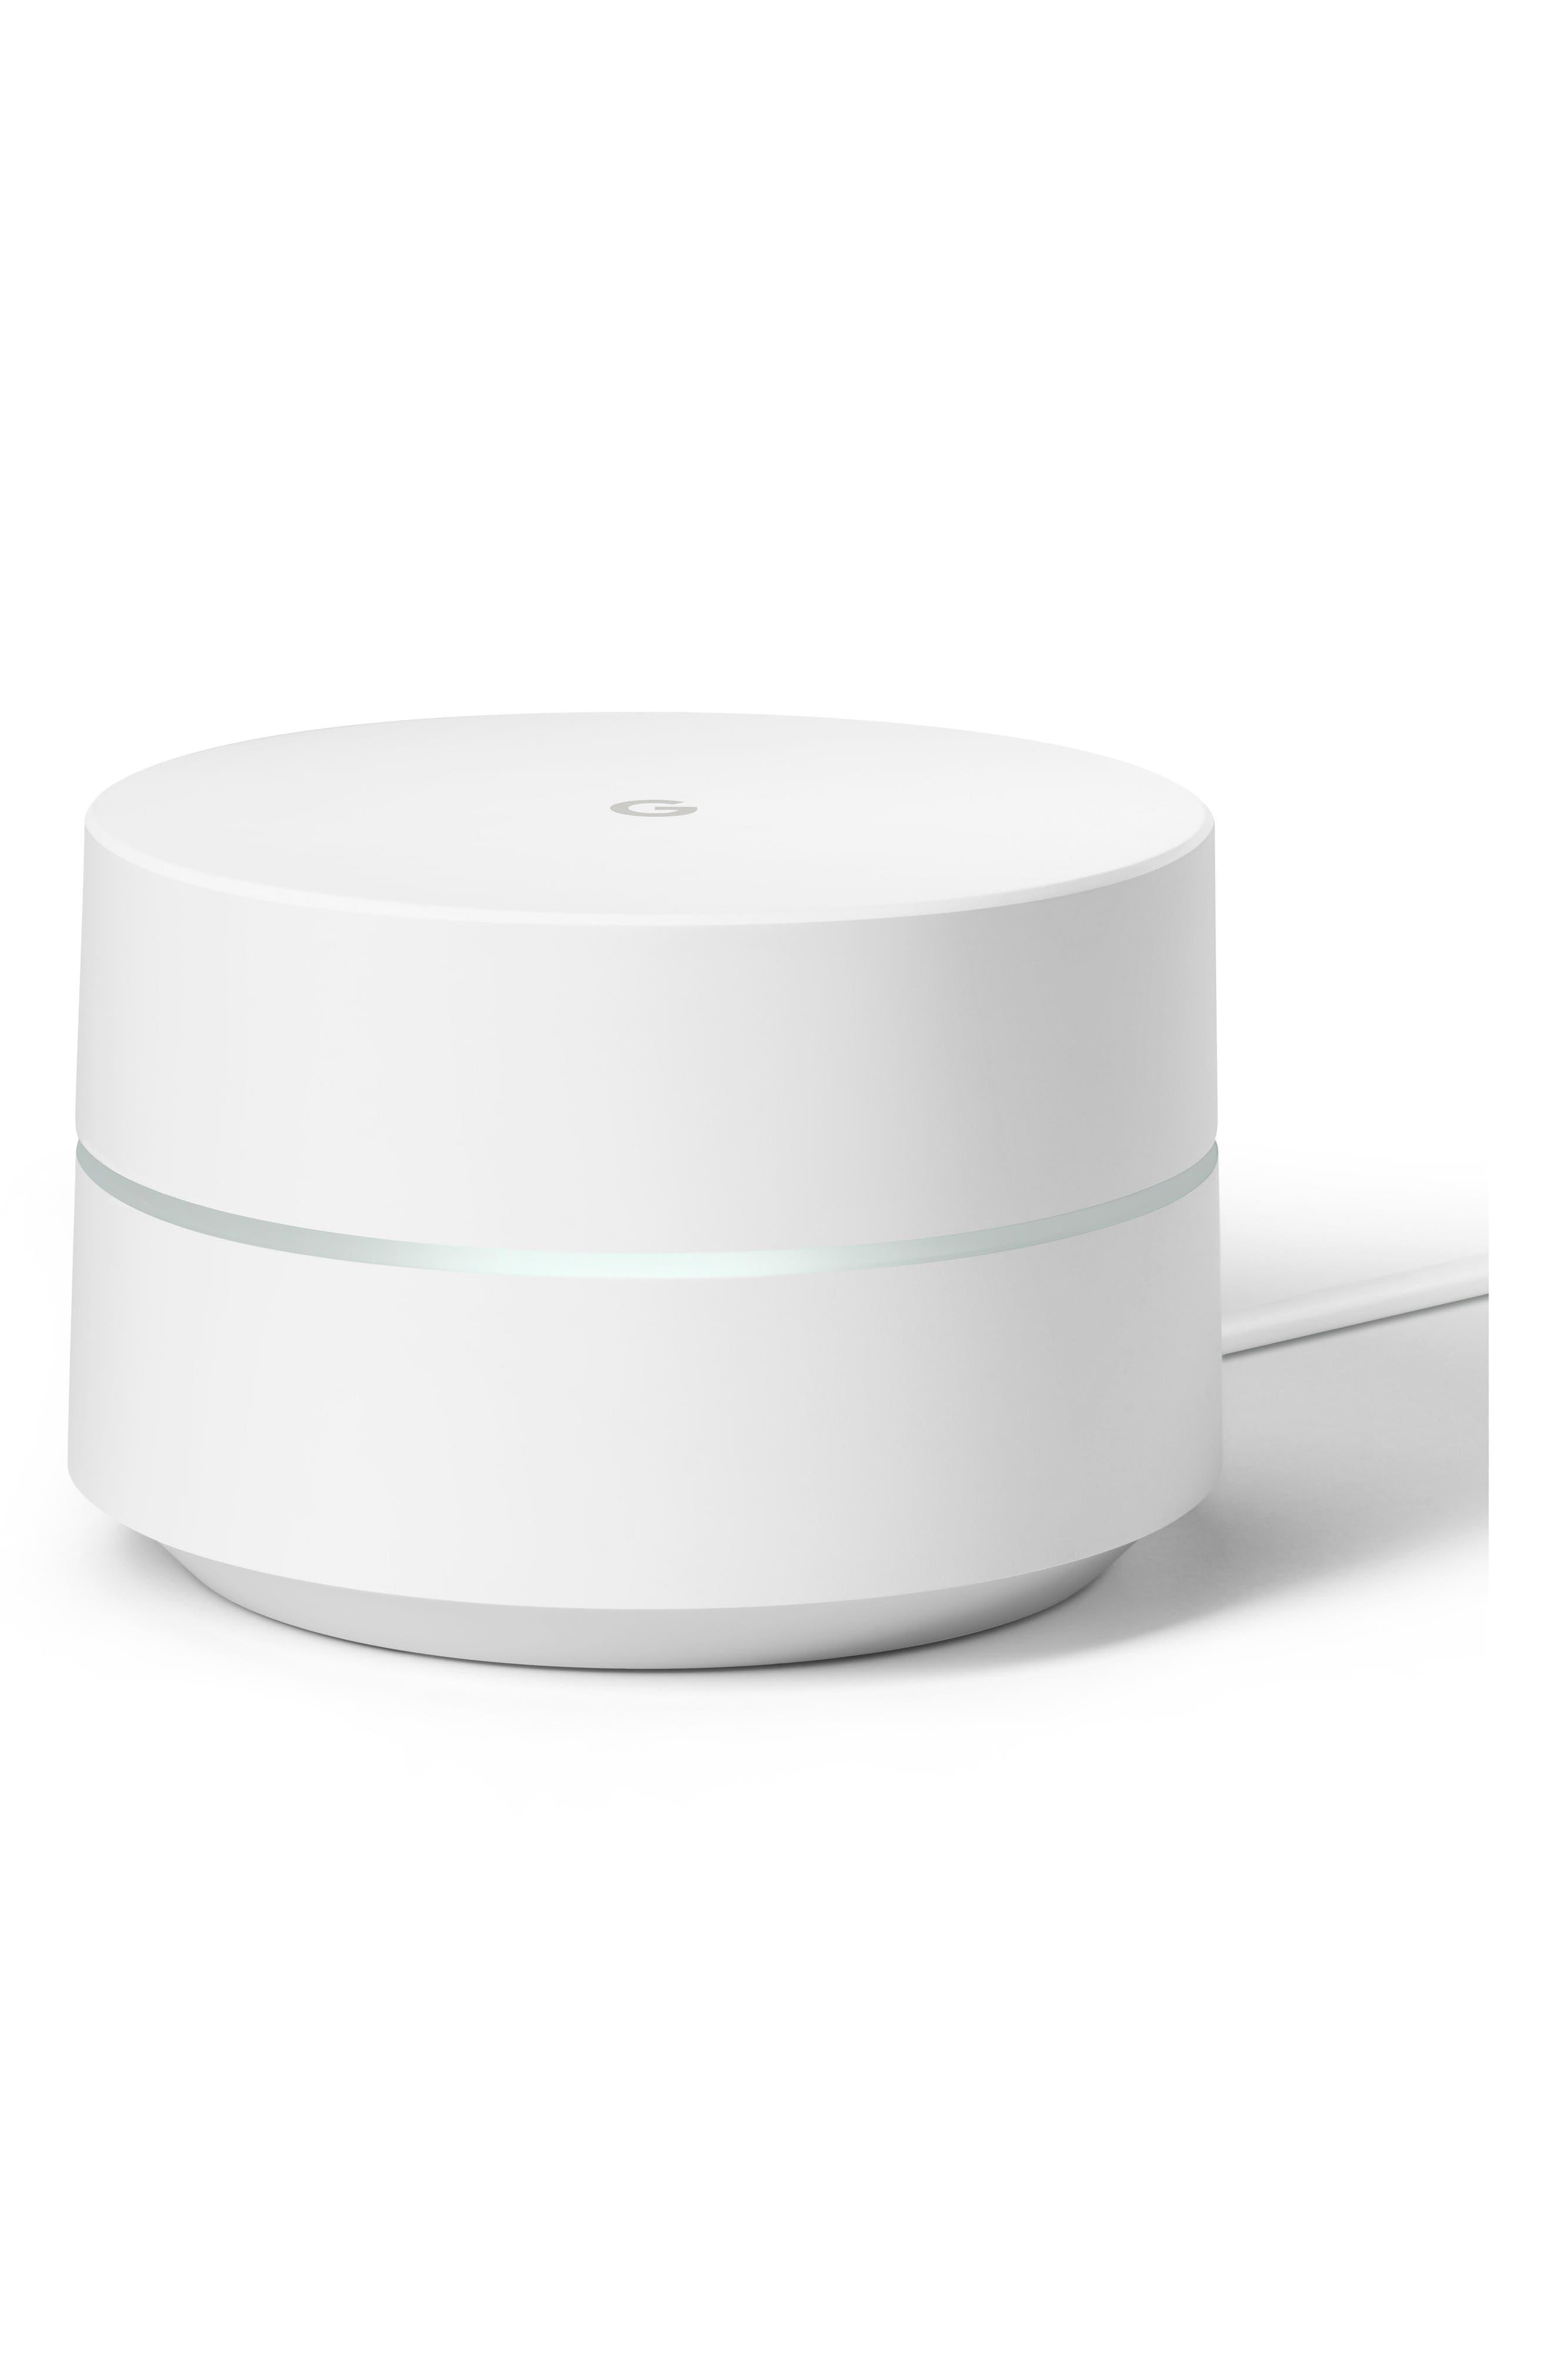 Wi-Fi,                         Main,                         color, White